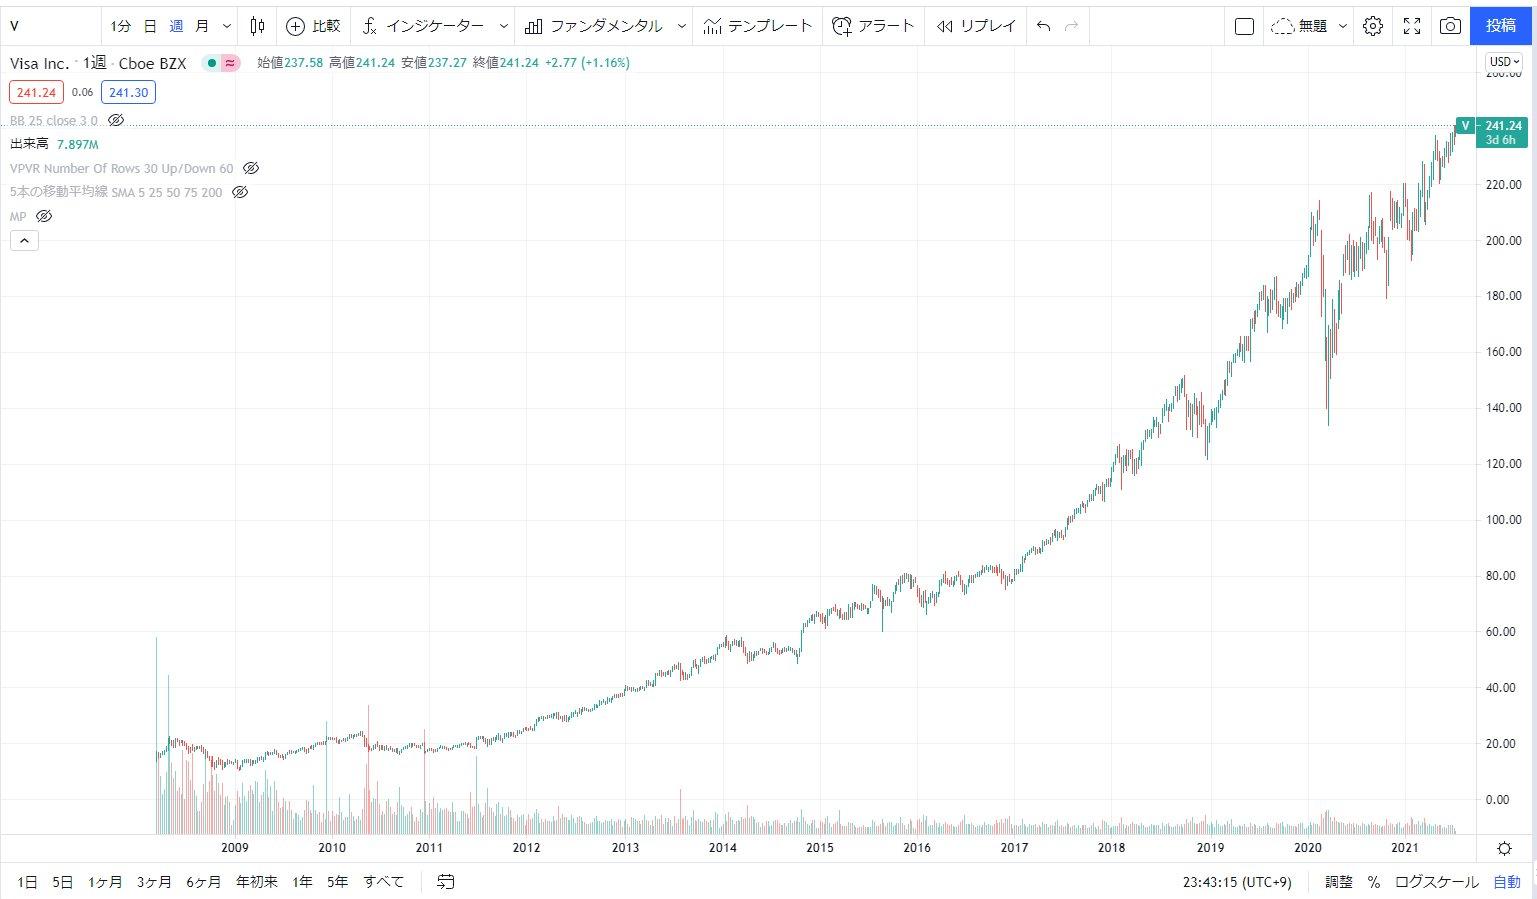 株 買い 時 アメリカ 米国株のおすすめ銘柄ランキング【最新版】高配当の人気アメリカ株を大公開!